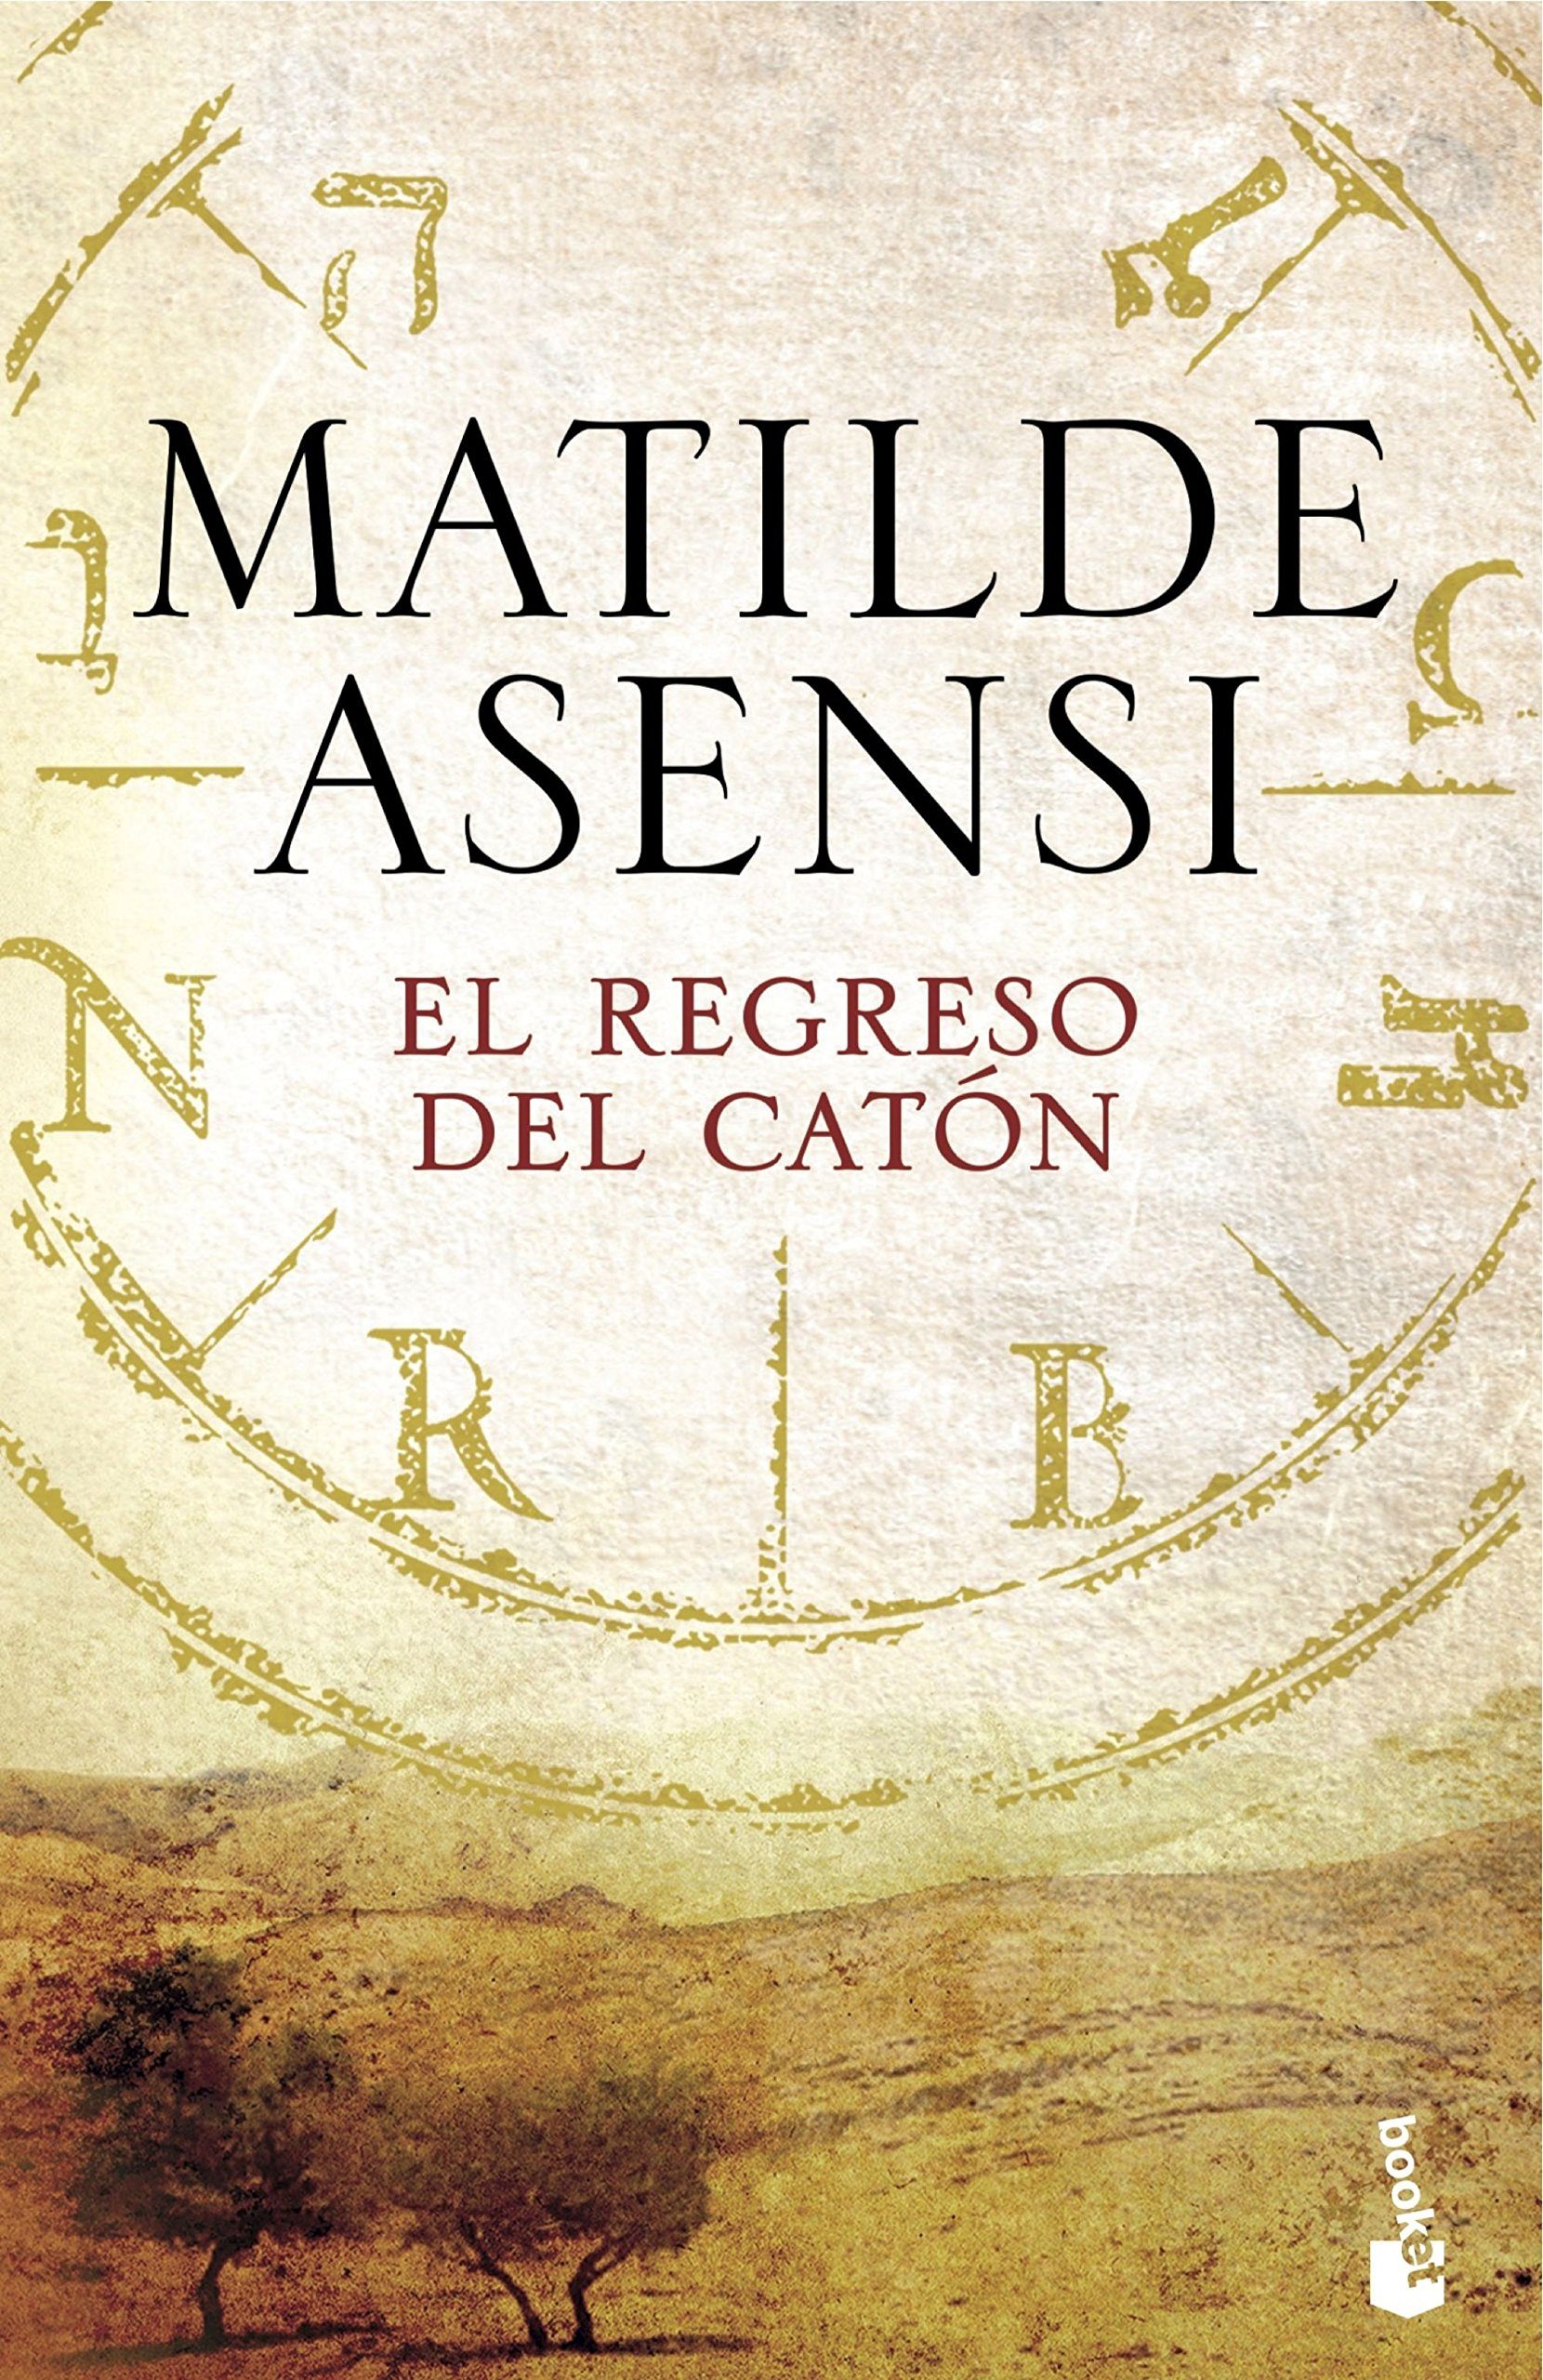 El regreso del Catón (Biblioteca Matilde Asensi): Amazon.es ...